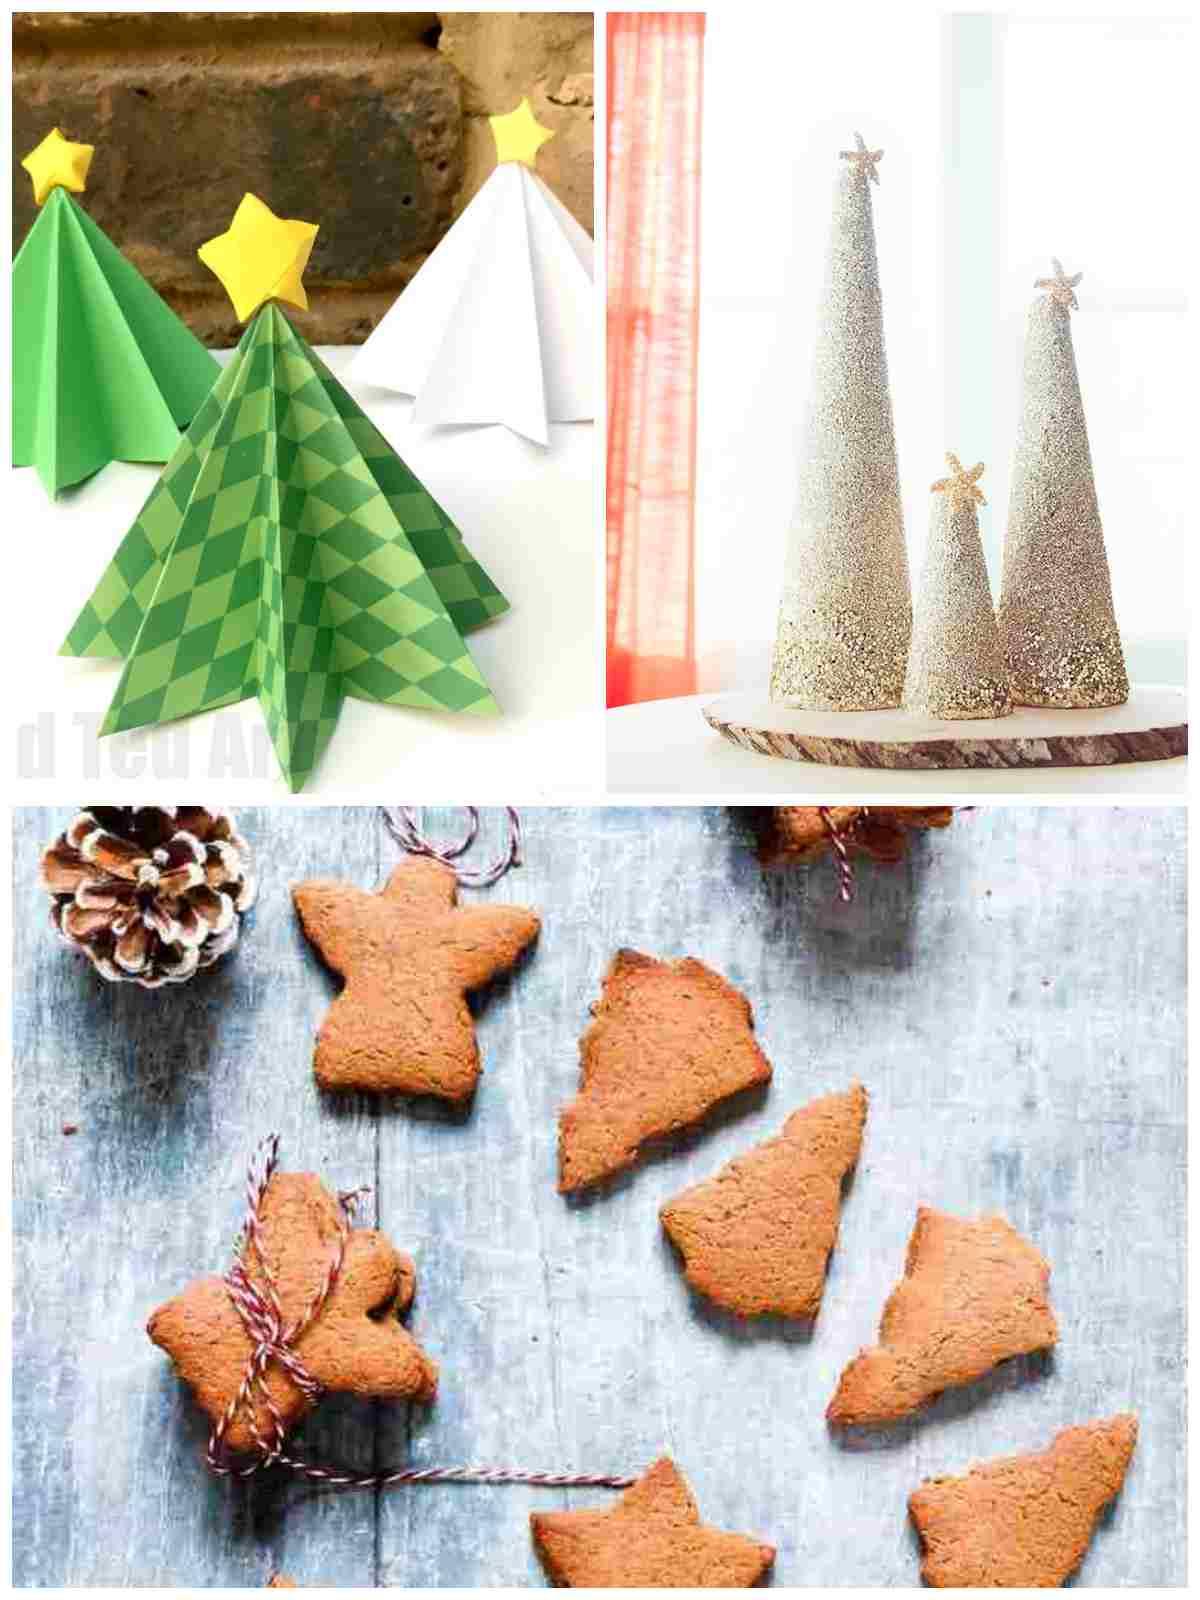 Diy Christmas Crafts And Decor Fiberartsy Com For Your Holiday Home